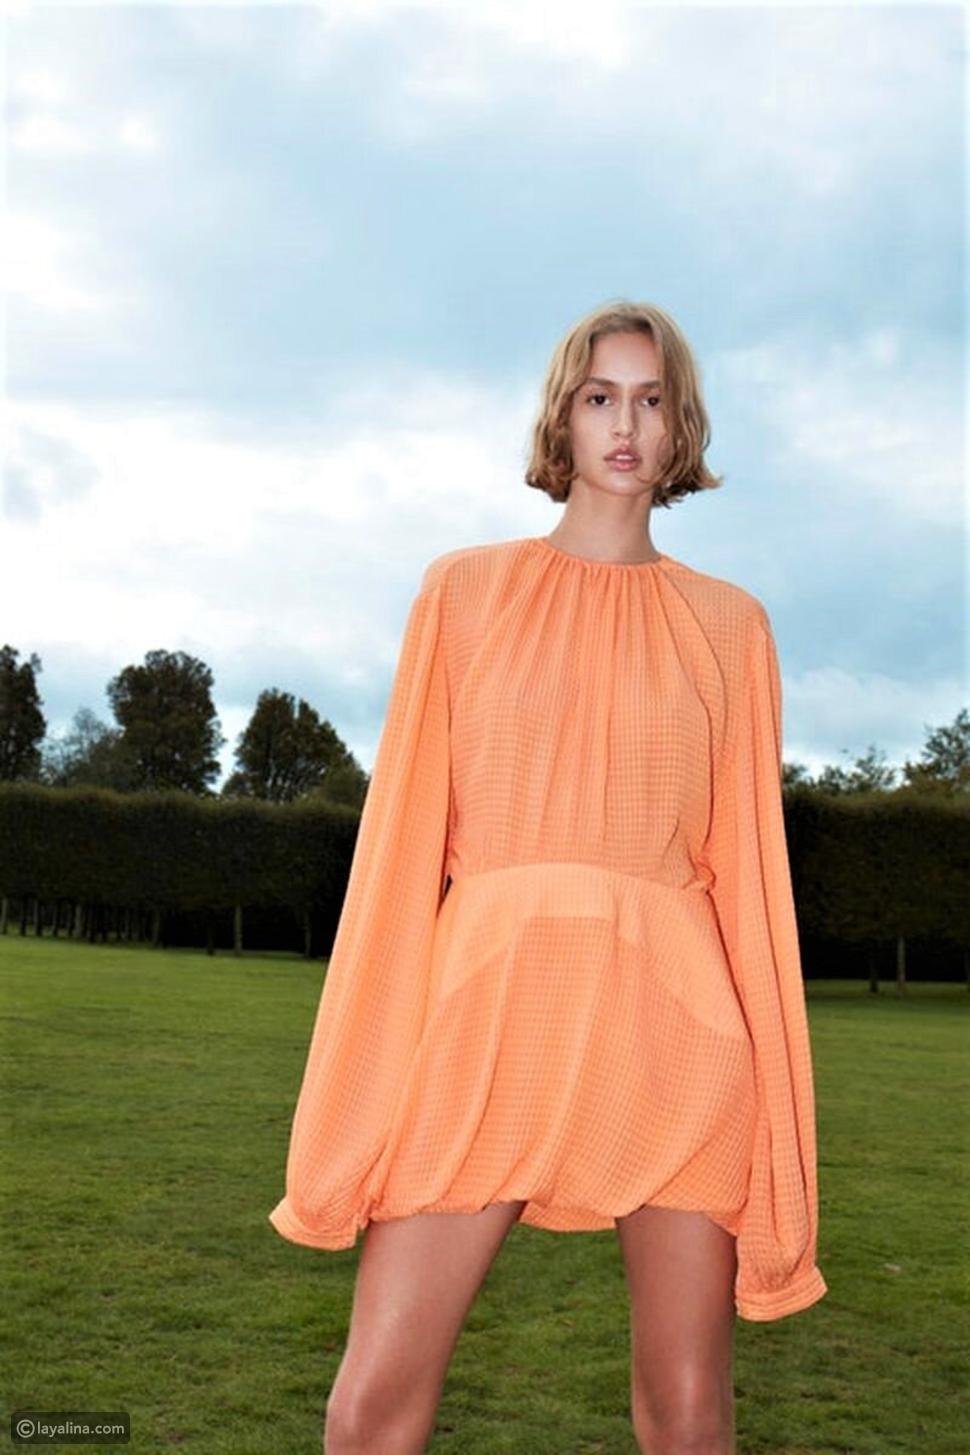 إيما روبرتس تنسق فستانها من  Stella McCartney مع ابنها الرضيع